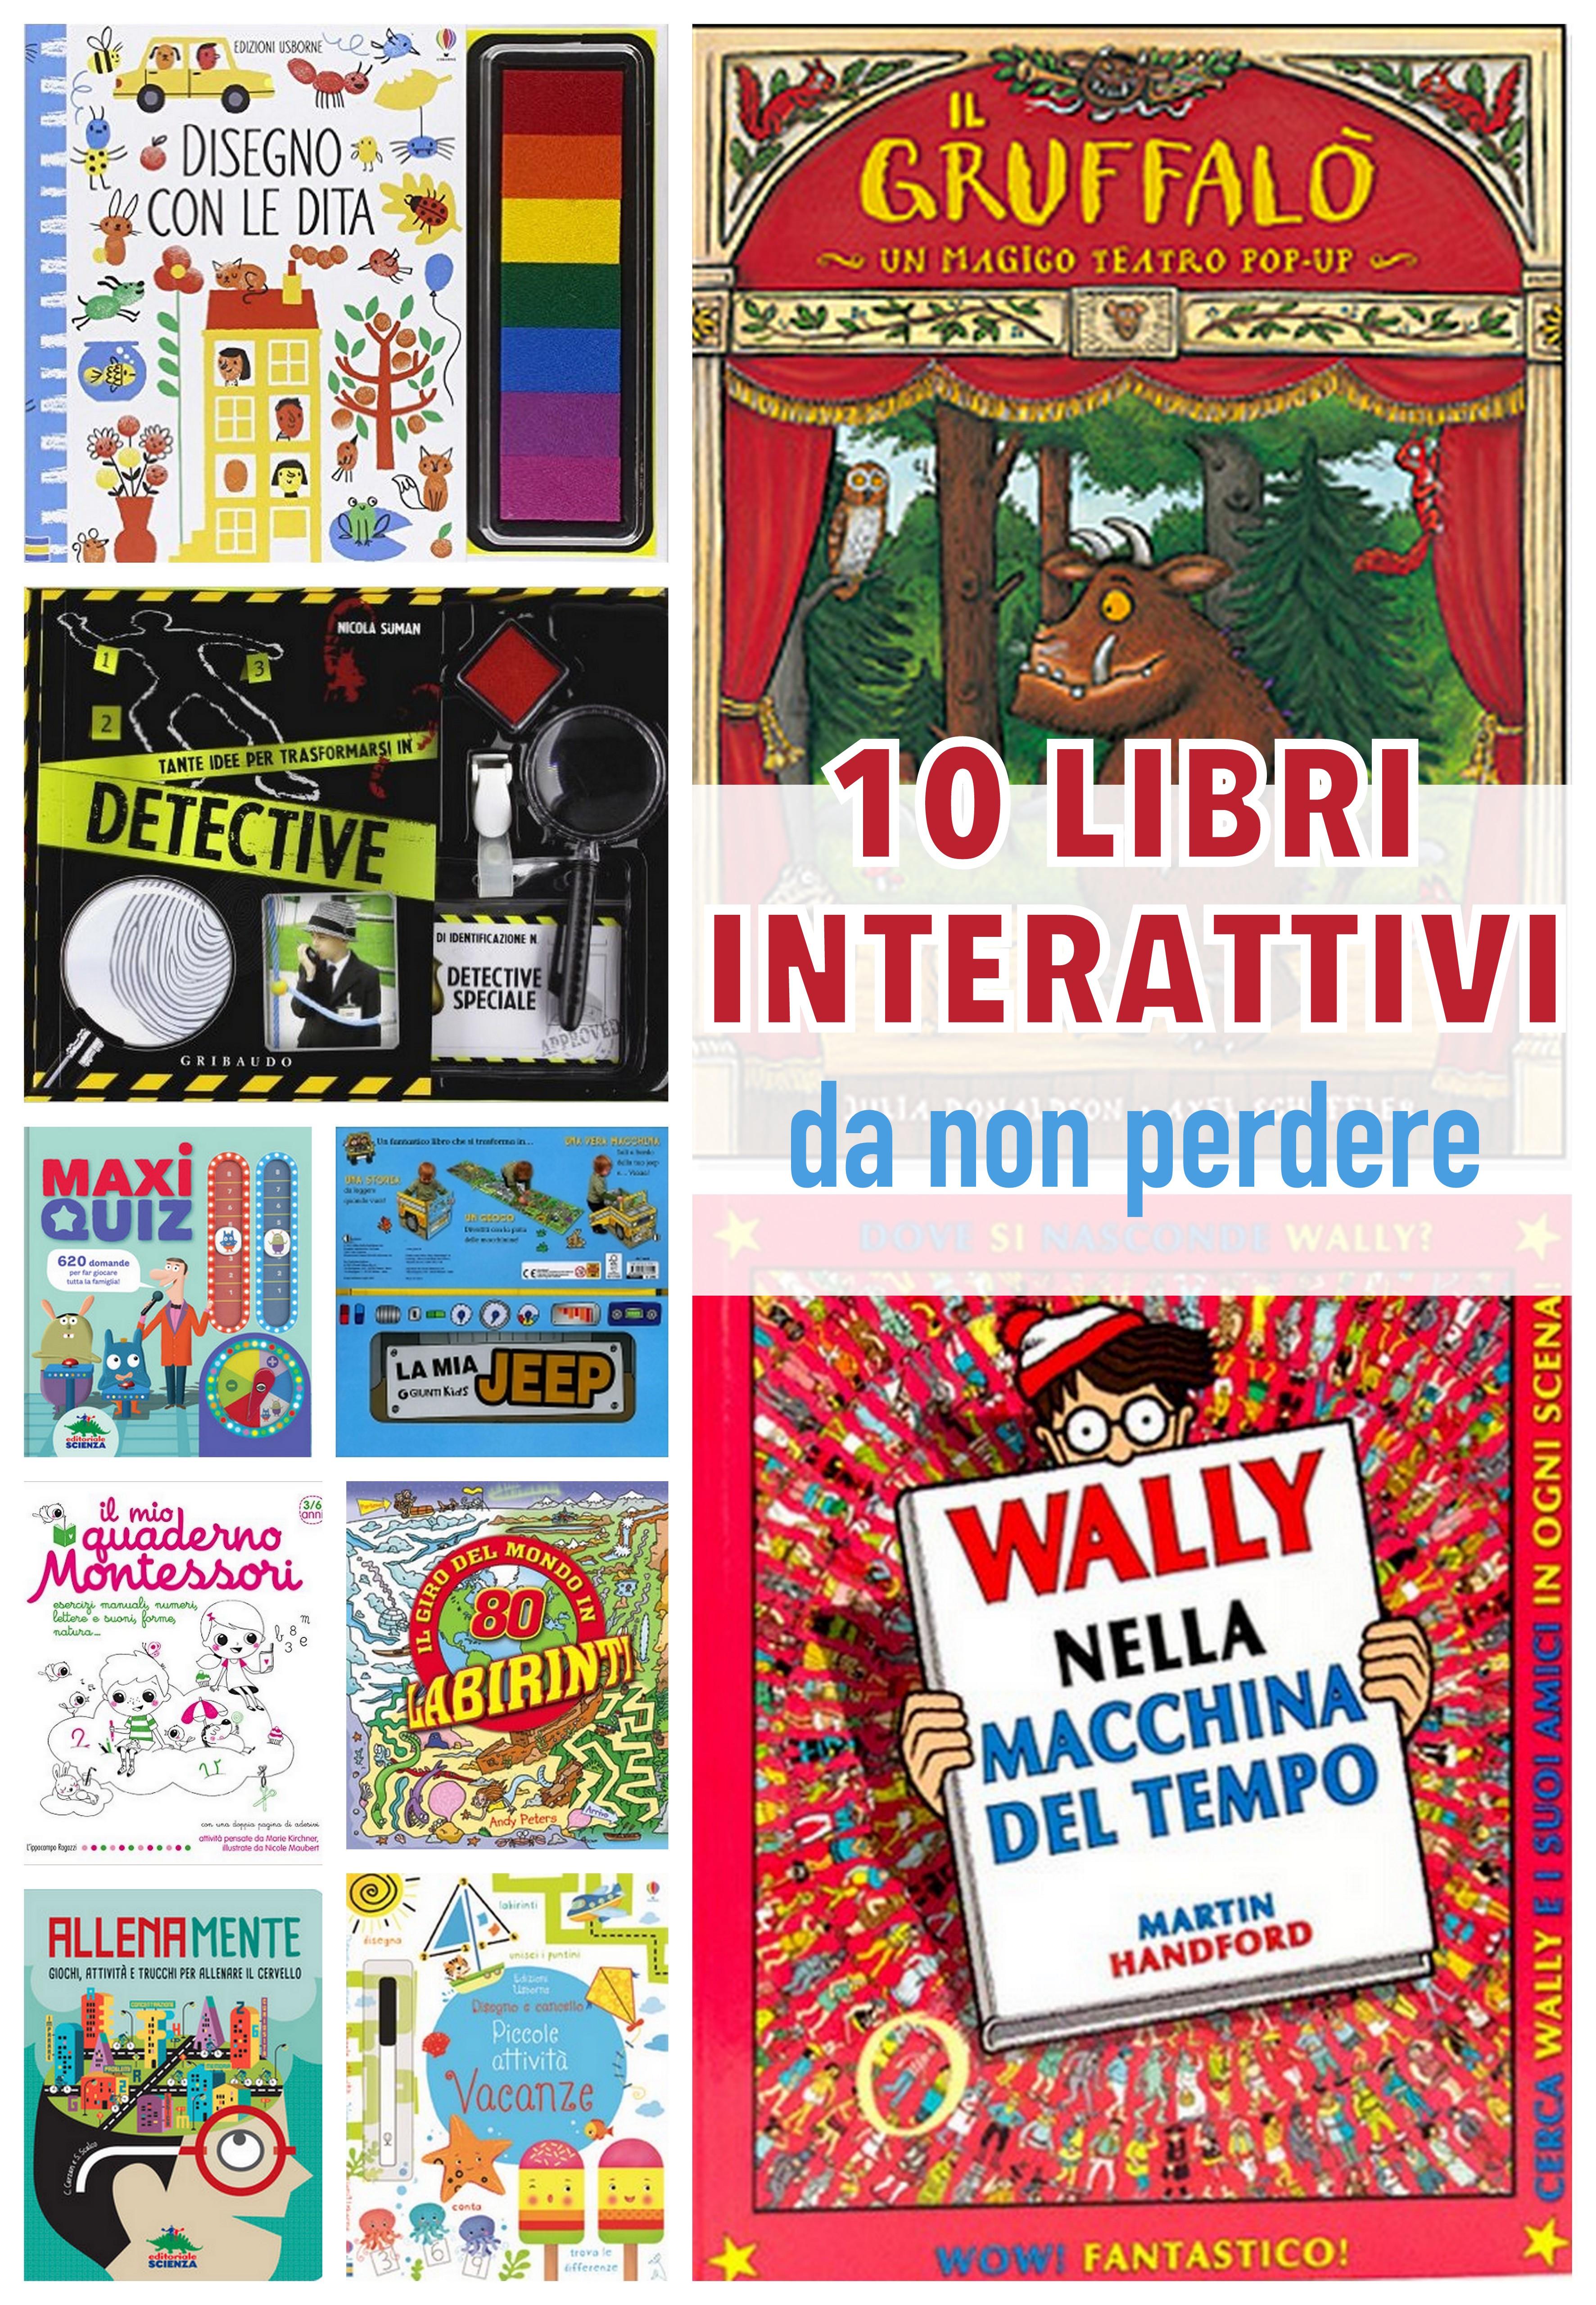 10 libri interattivi per bambini